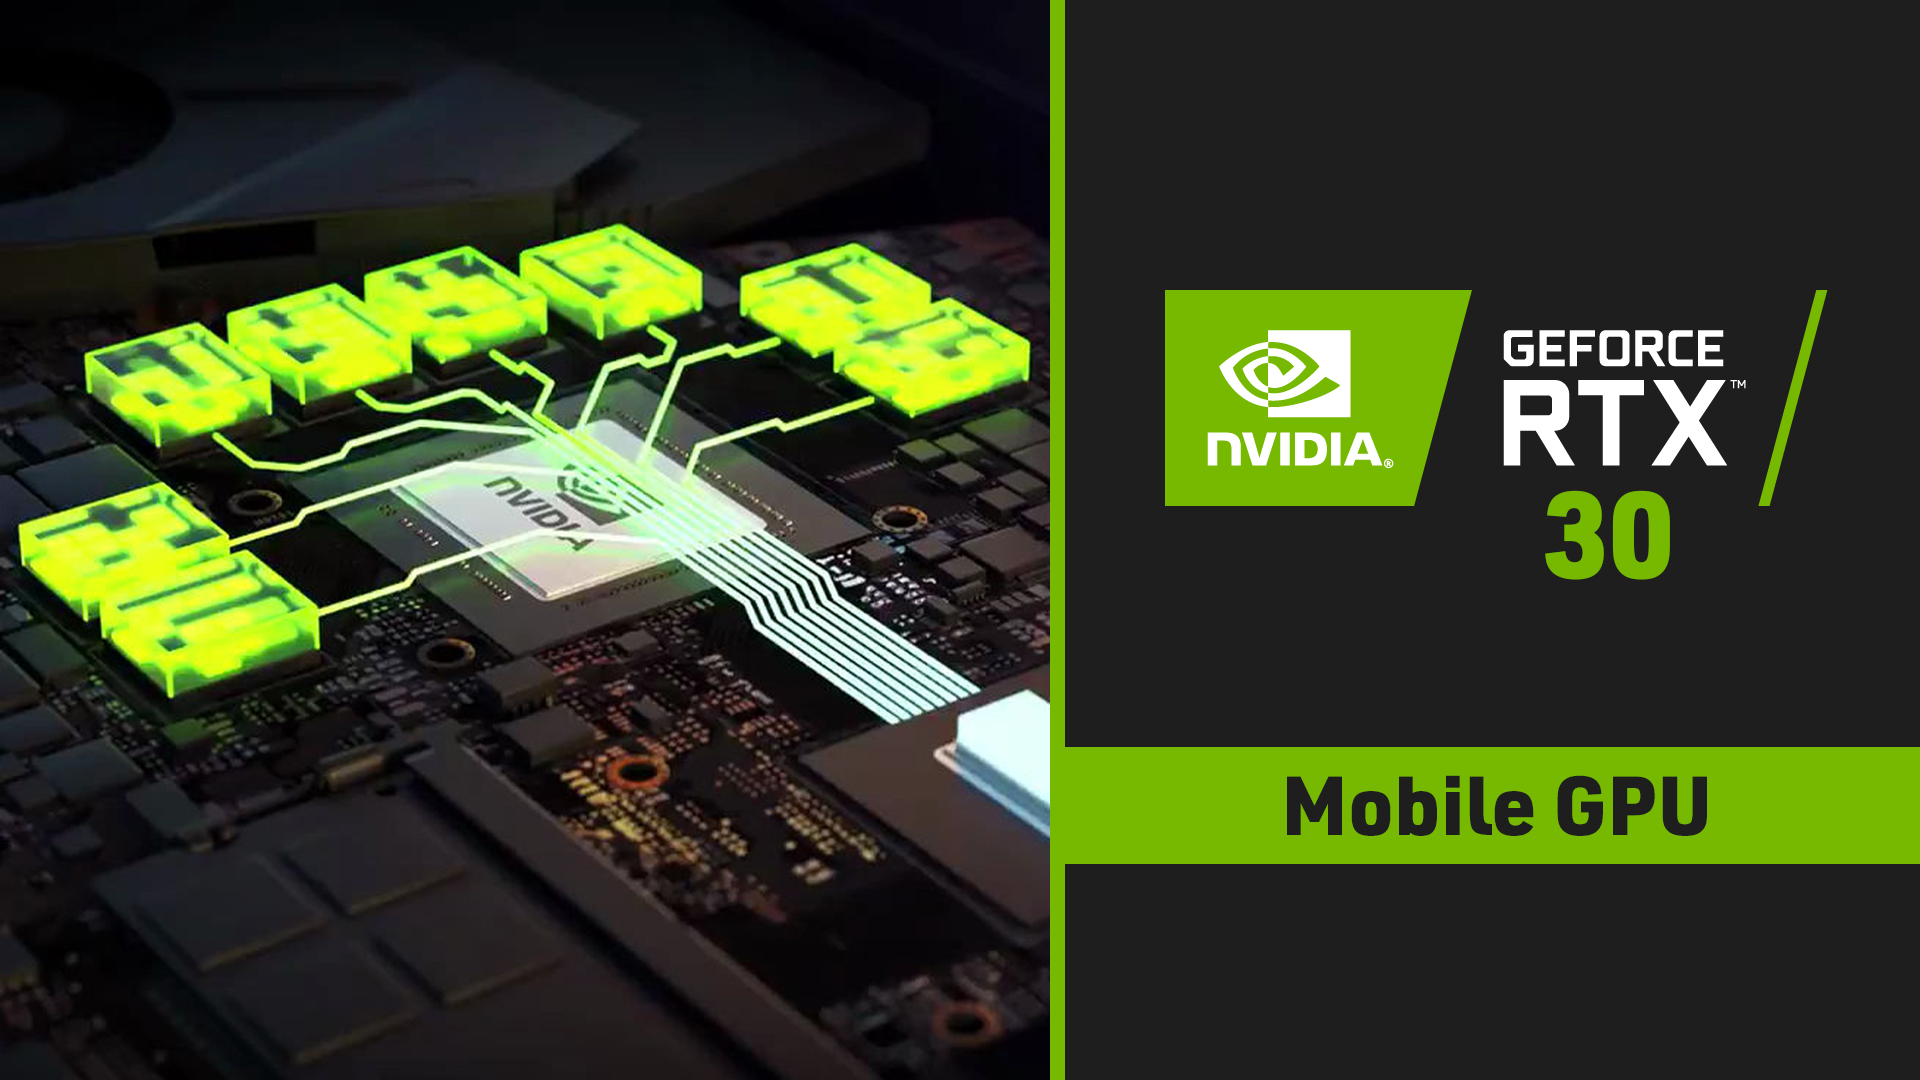 NVIDIA RTX 30 mobile GPU1